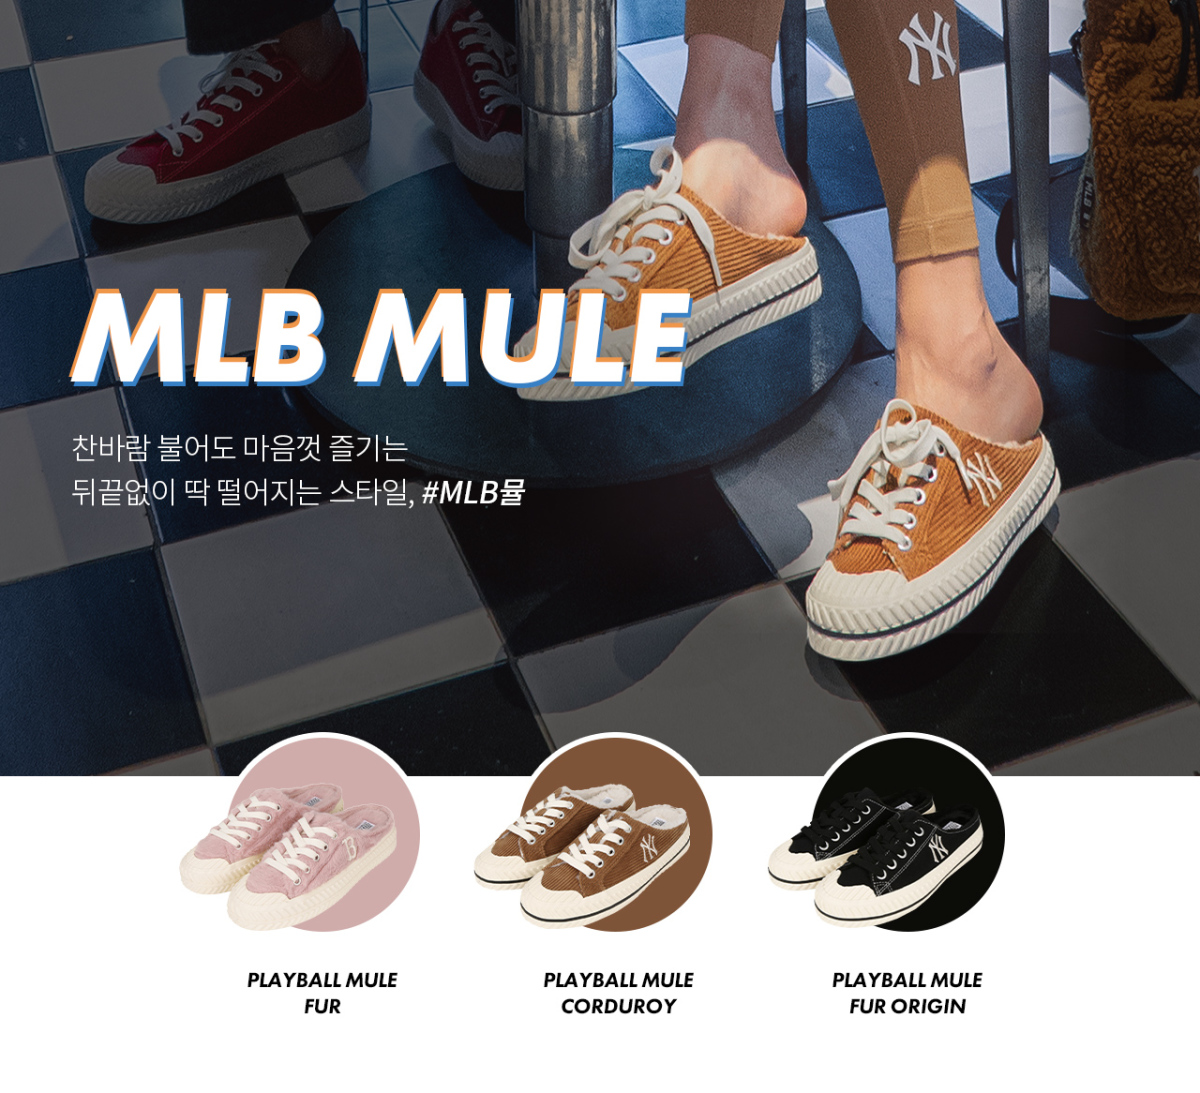 MLB MULE